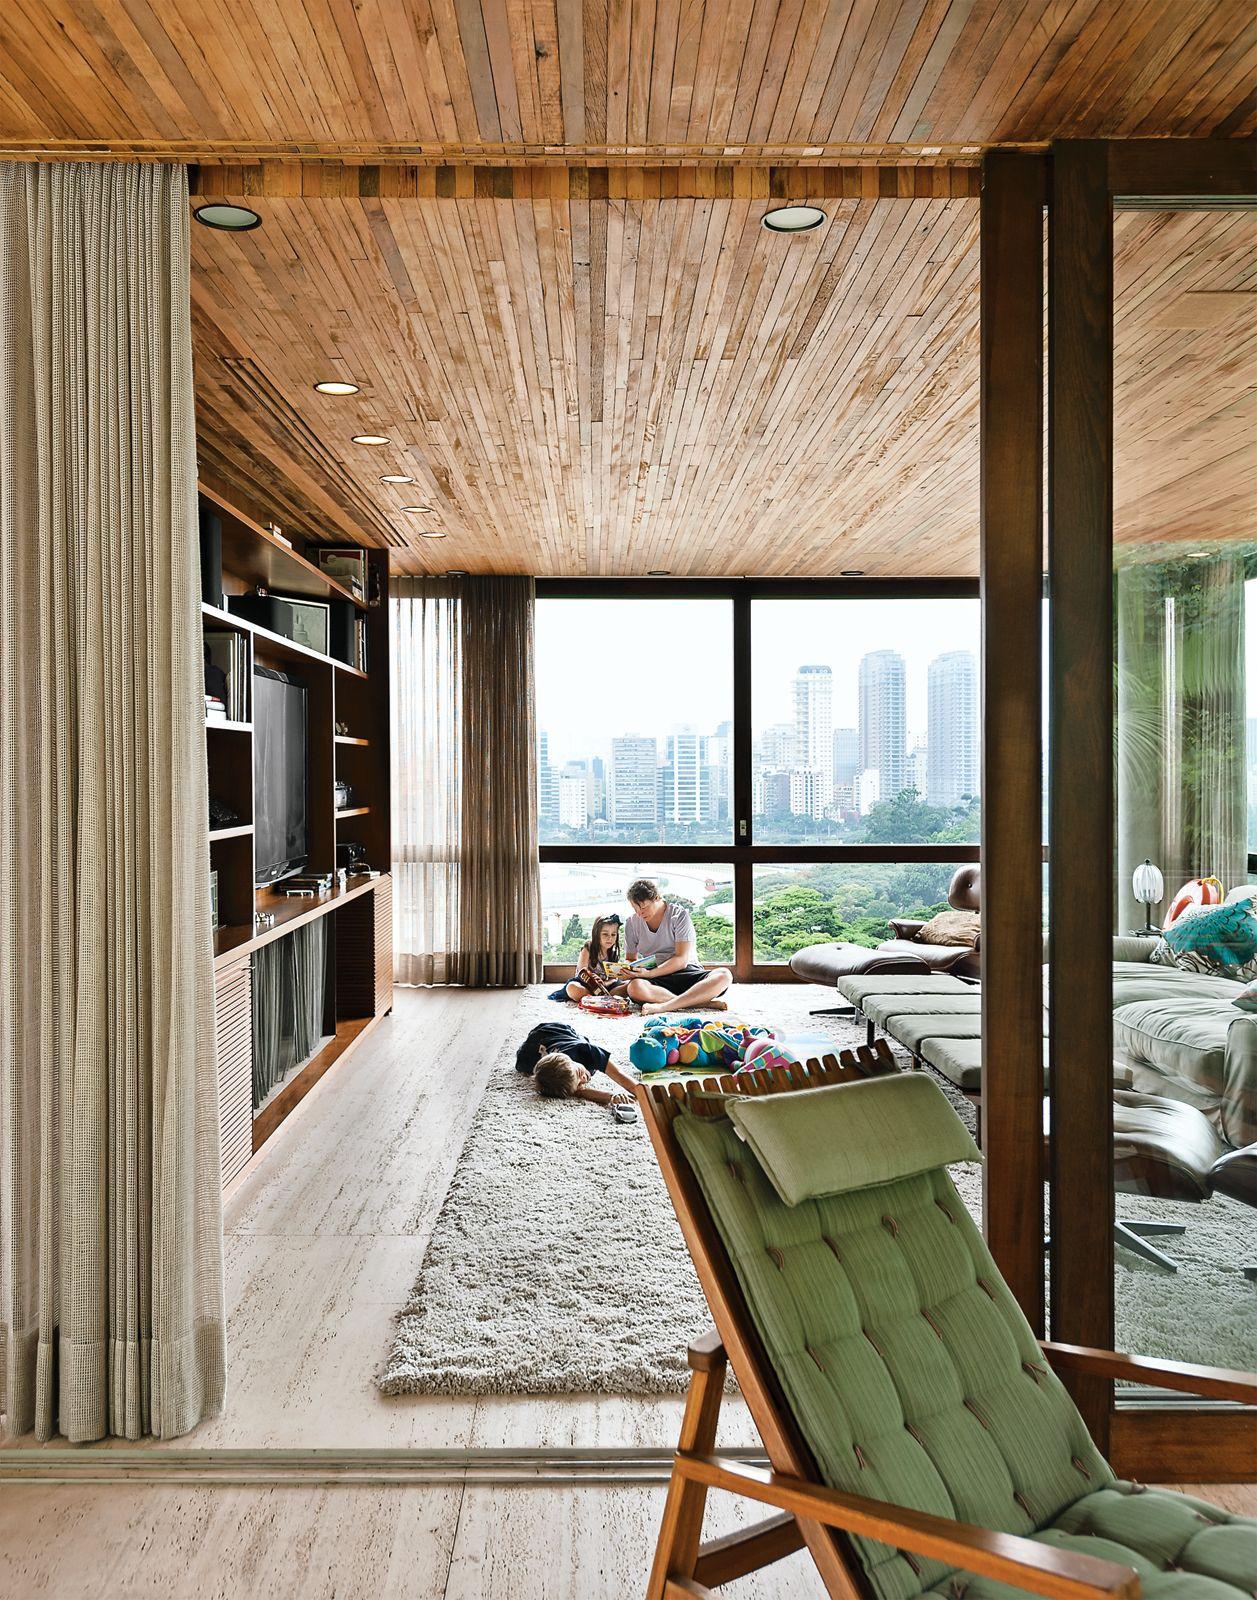 Modernes bungalow innenarchitektur wohnzimmer dwell  modern homes in brazil  modern houses  pinterest  haus